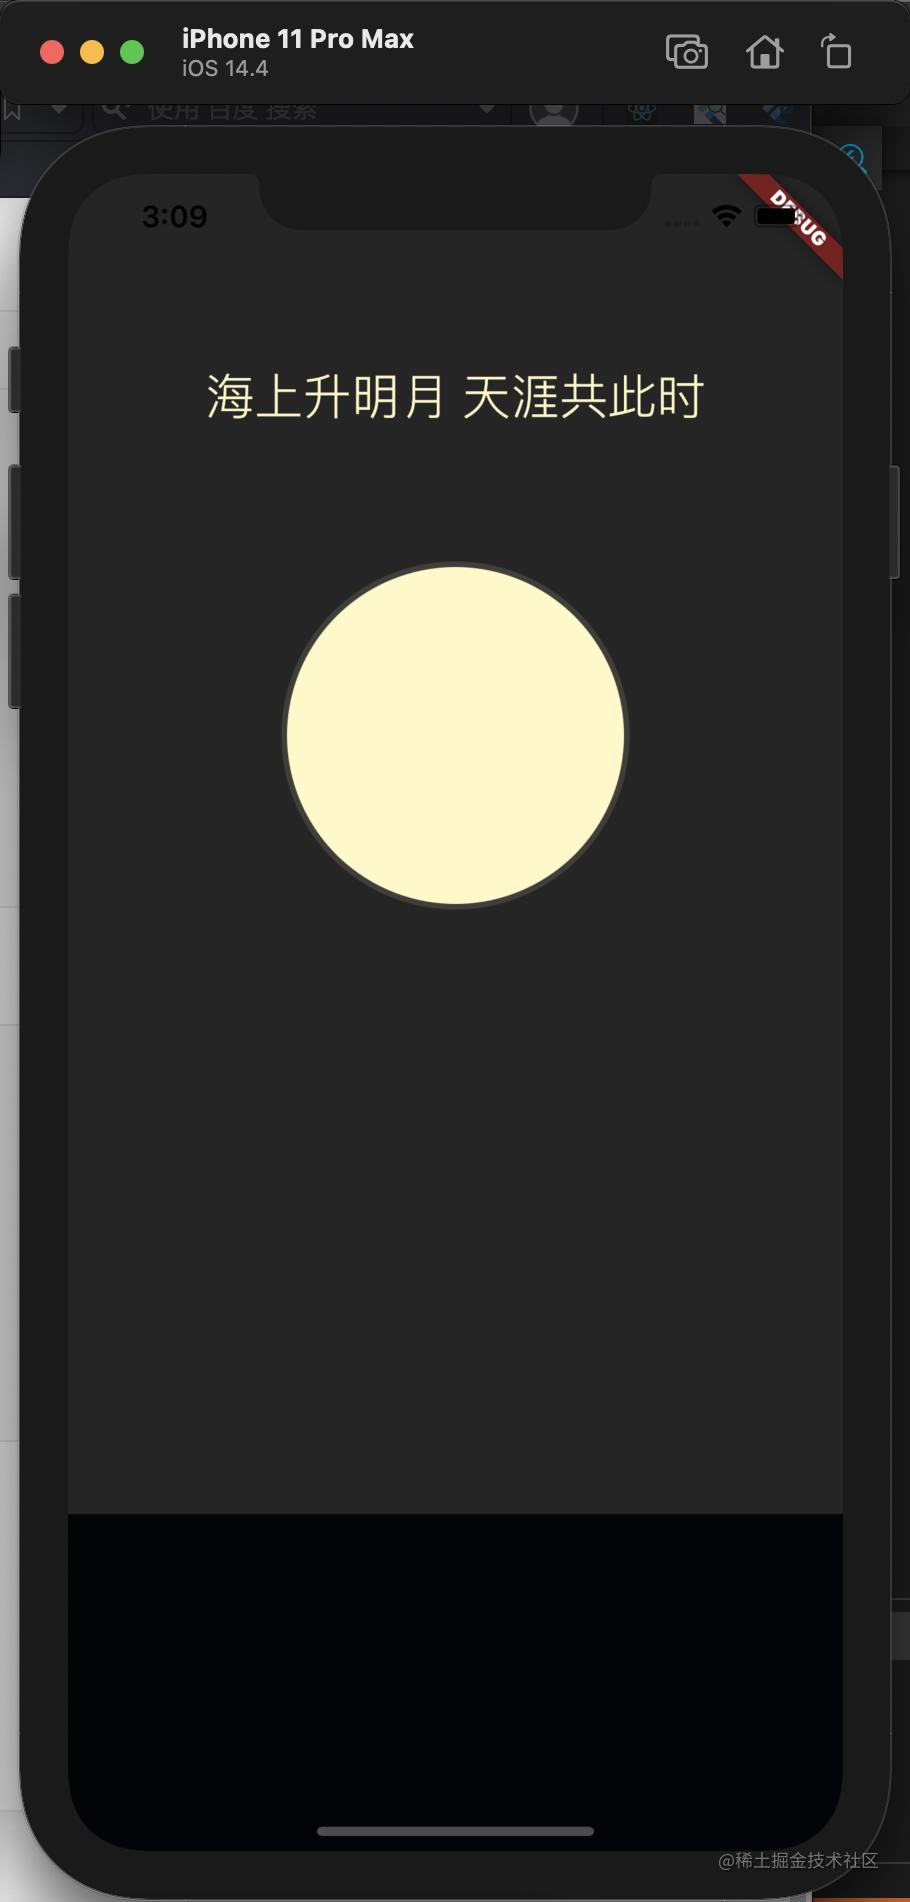 月亮绘制效果